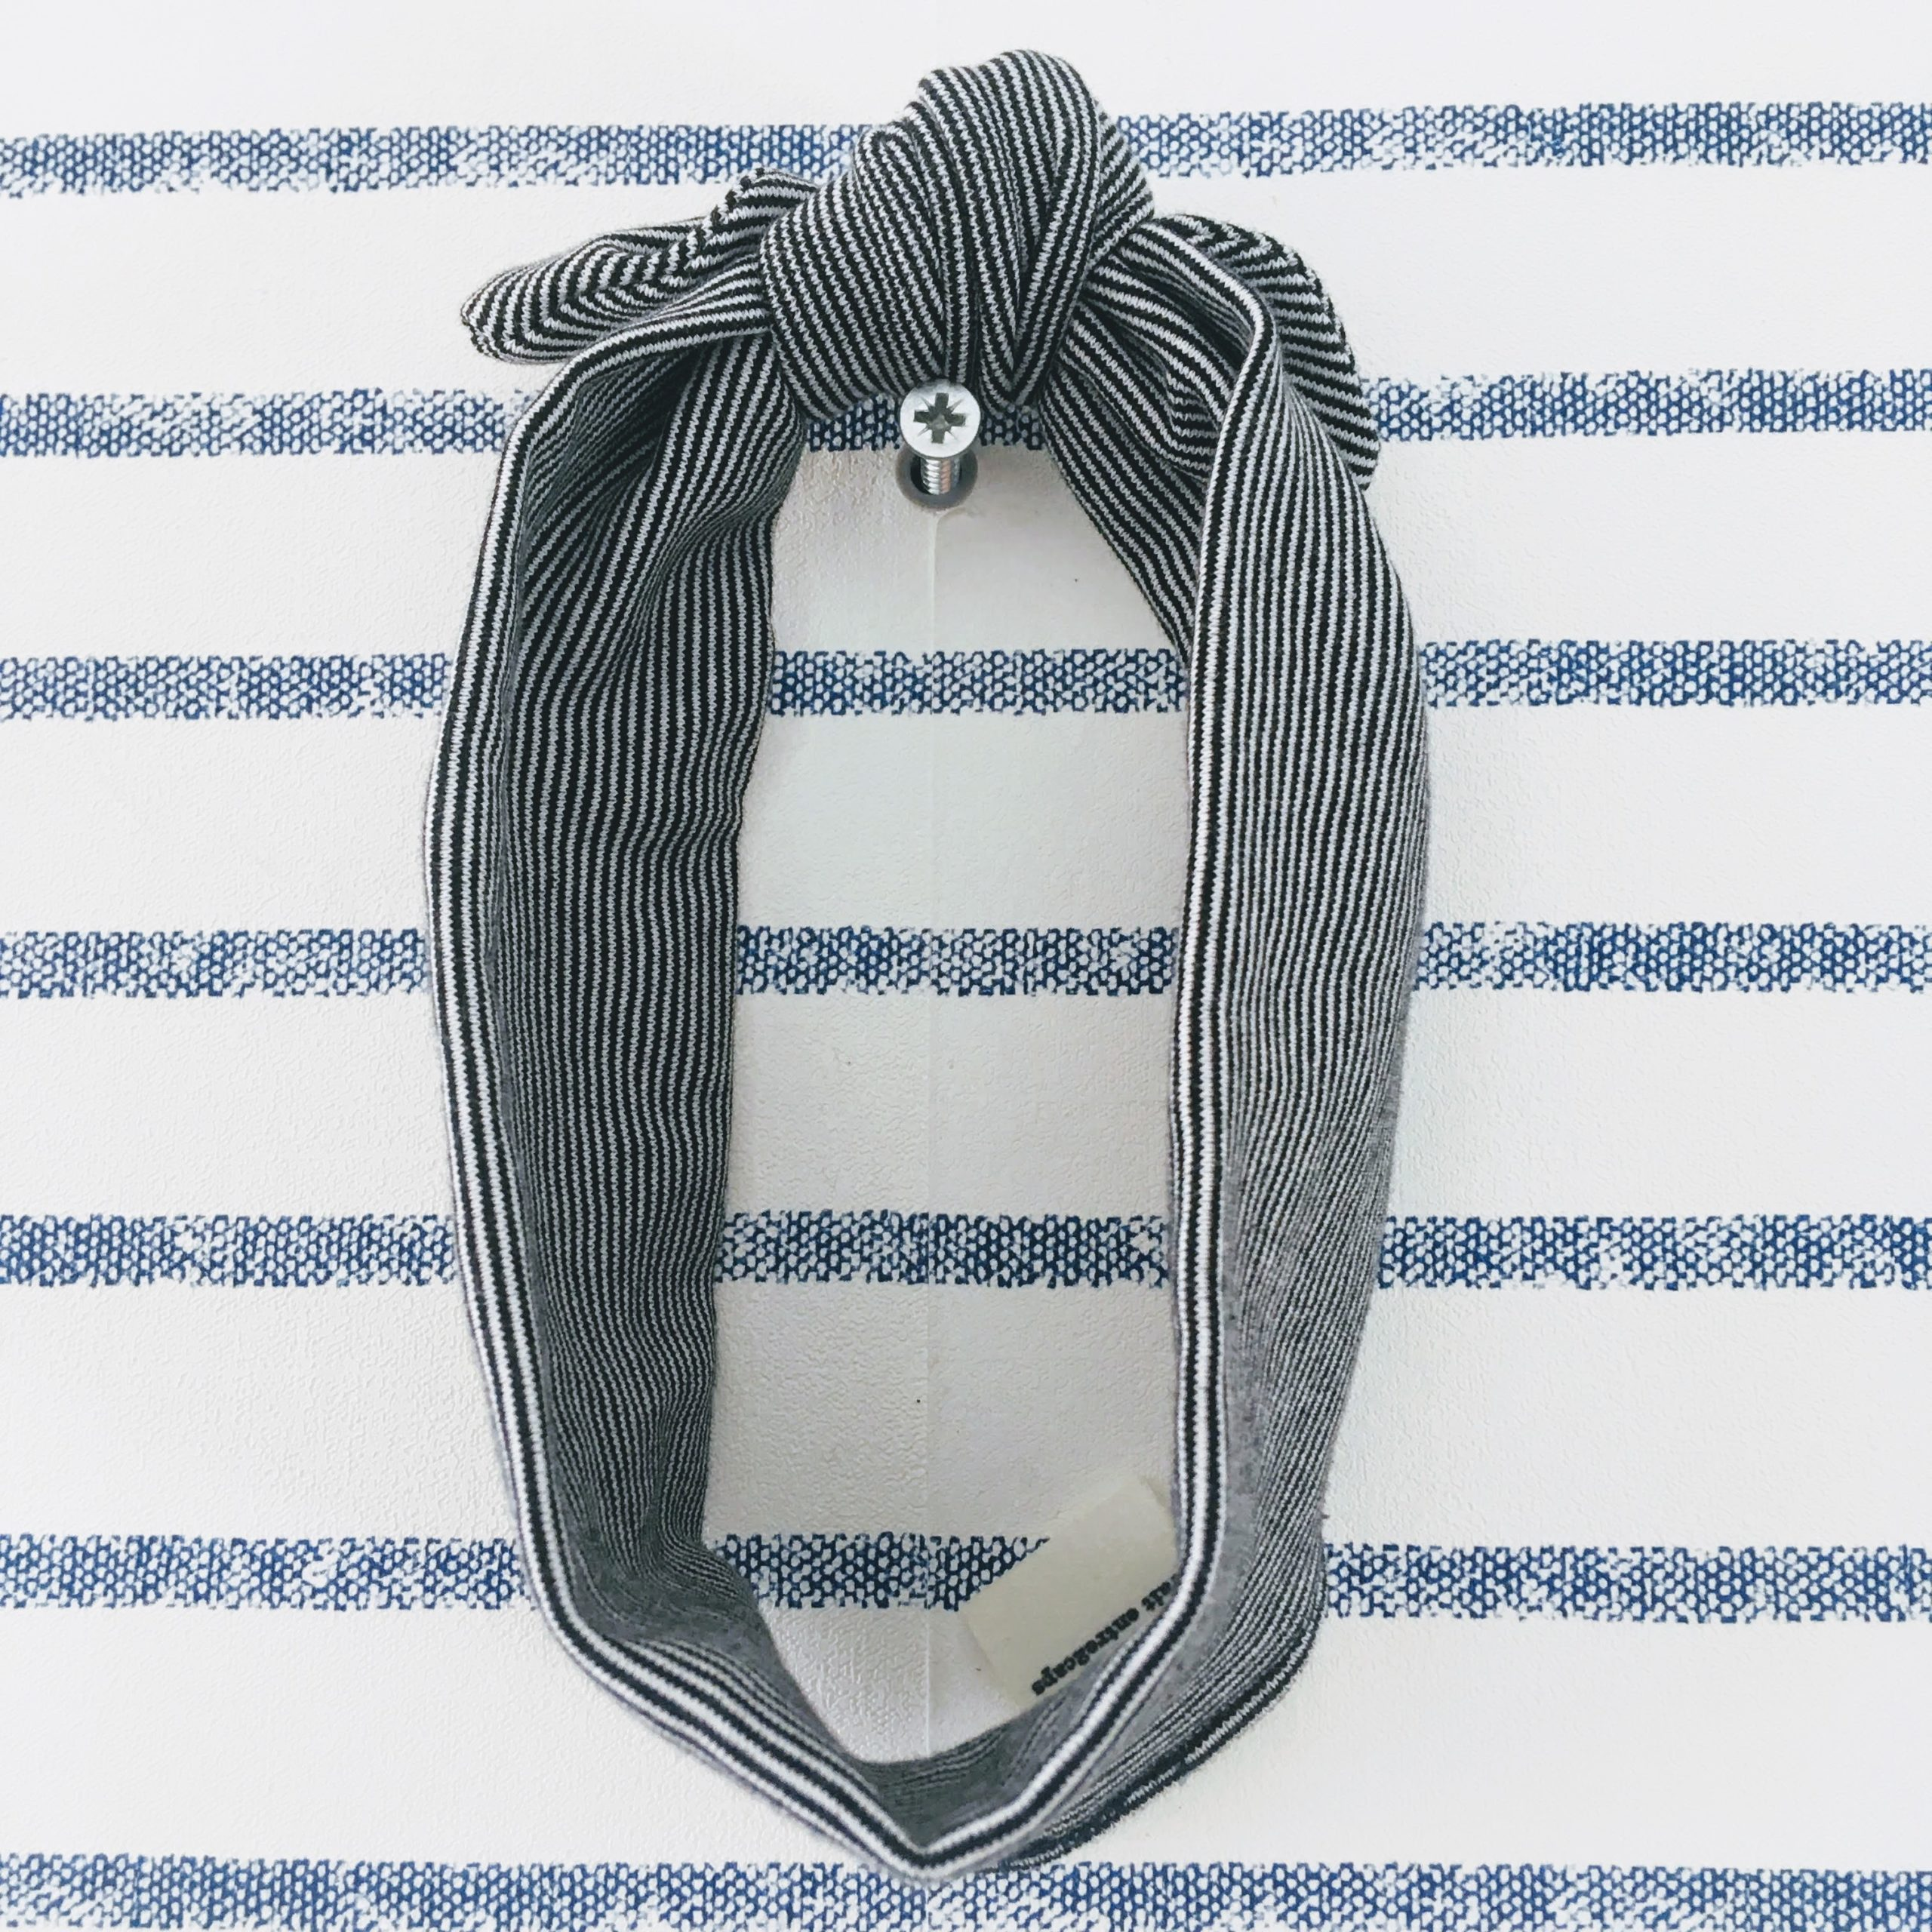 du vent dans mes valises - bandeau extensible enfant adulte jersey rayé coton blanc rayures noir made in France